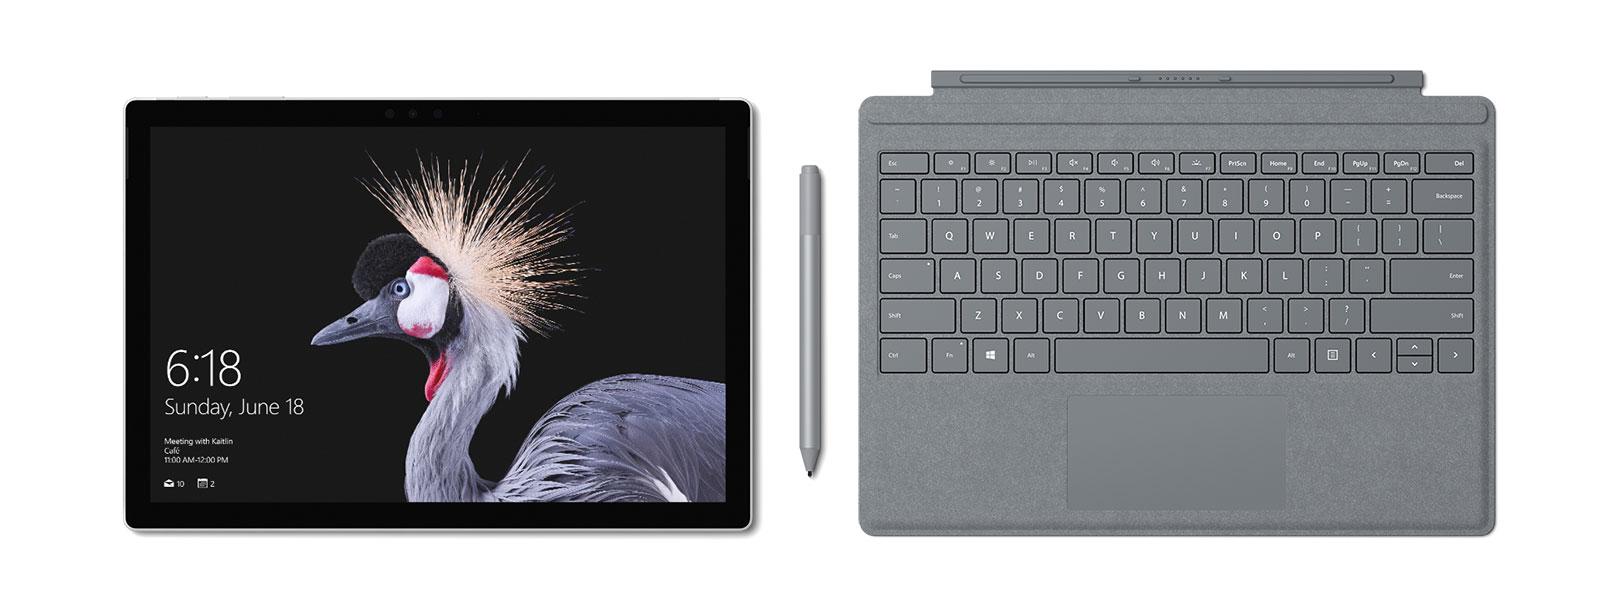 صورة لـ Surface Pro مع Surface Pro Signature Type Cover وSurface Pen وSurface Arc Mouse باللون البلاتيني. يأتي مع قلم Surface Pen.